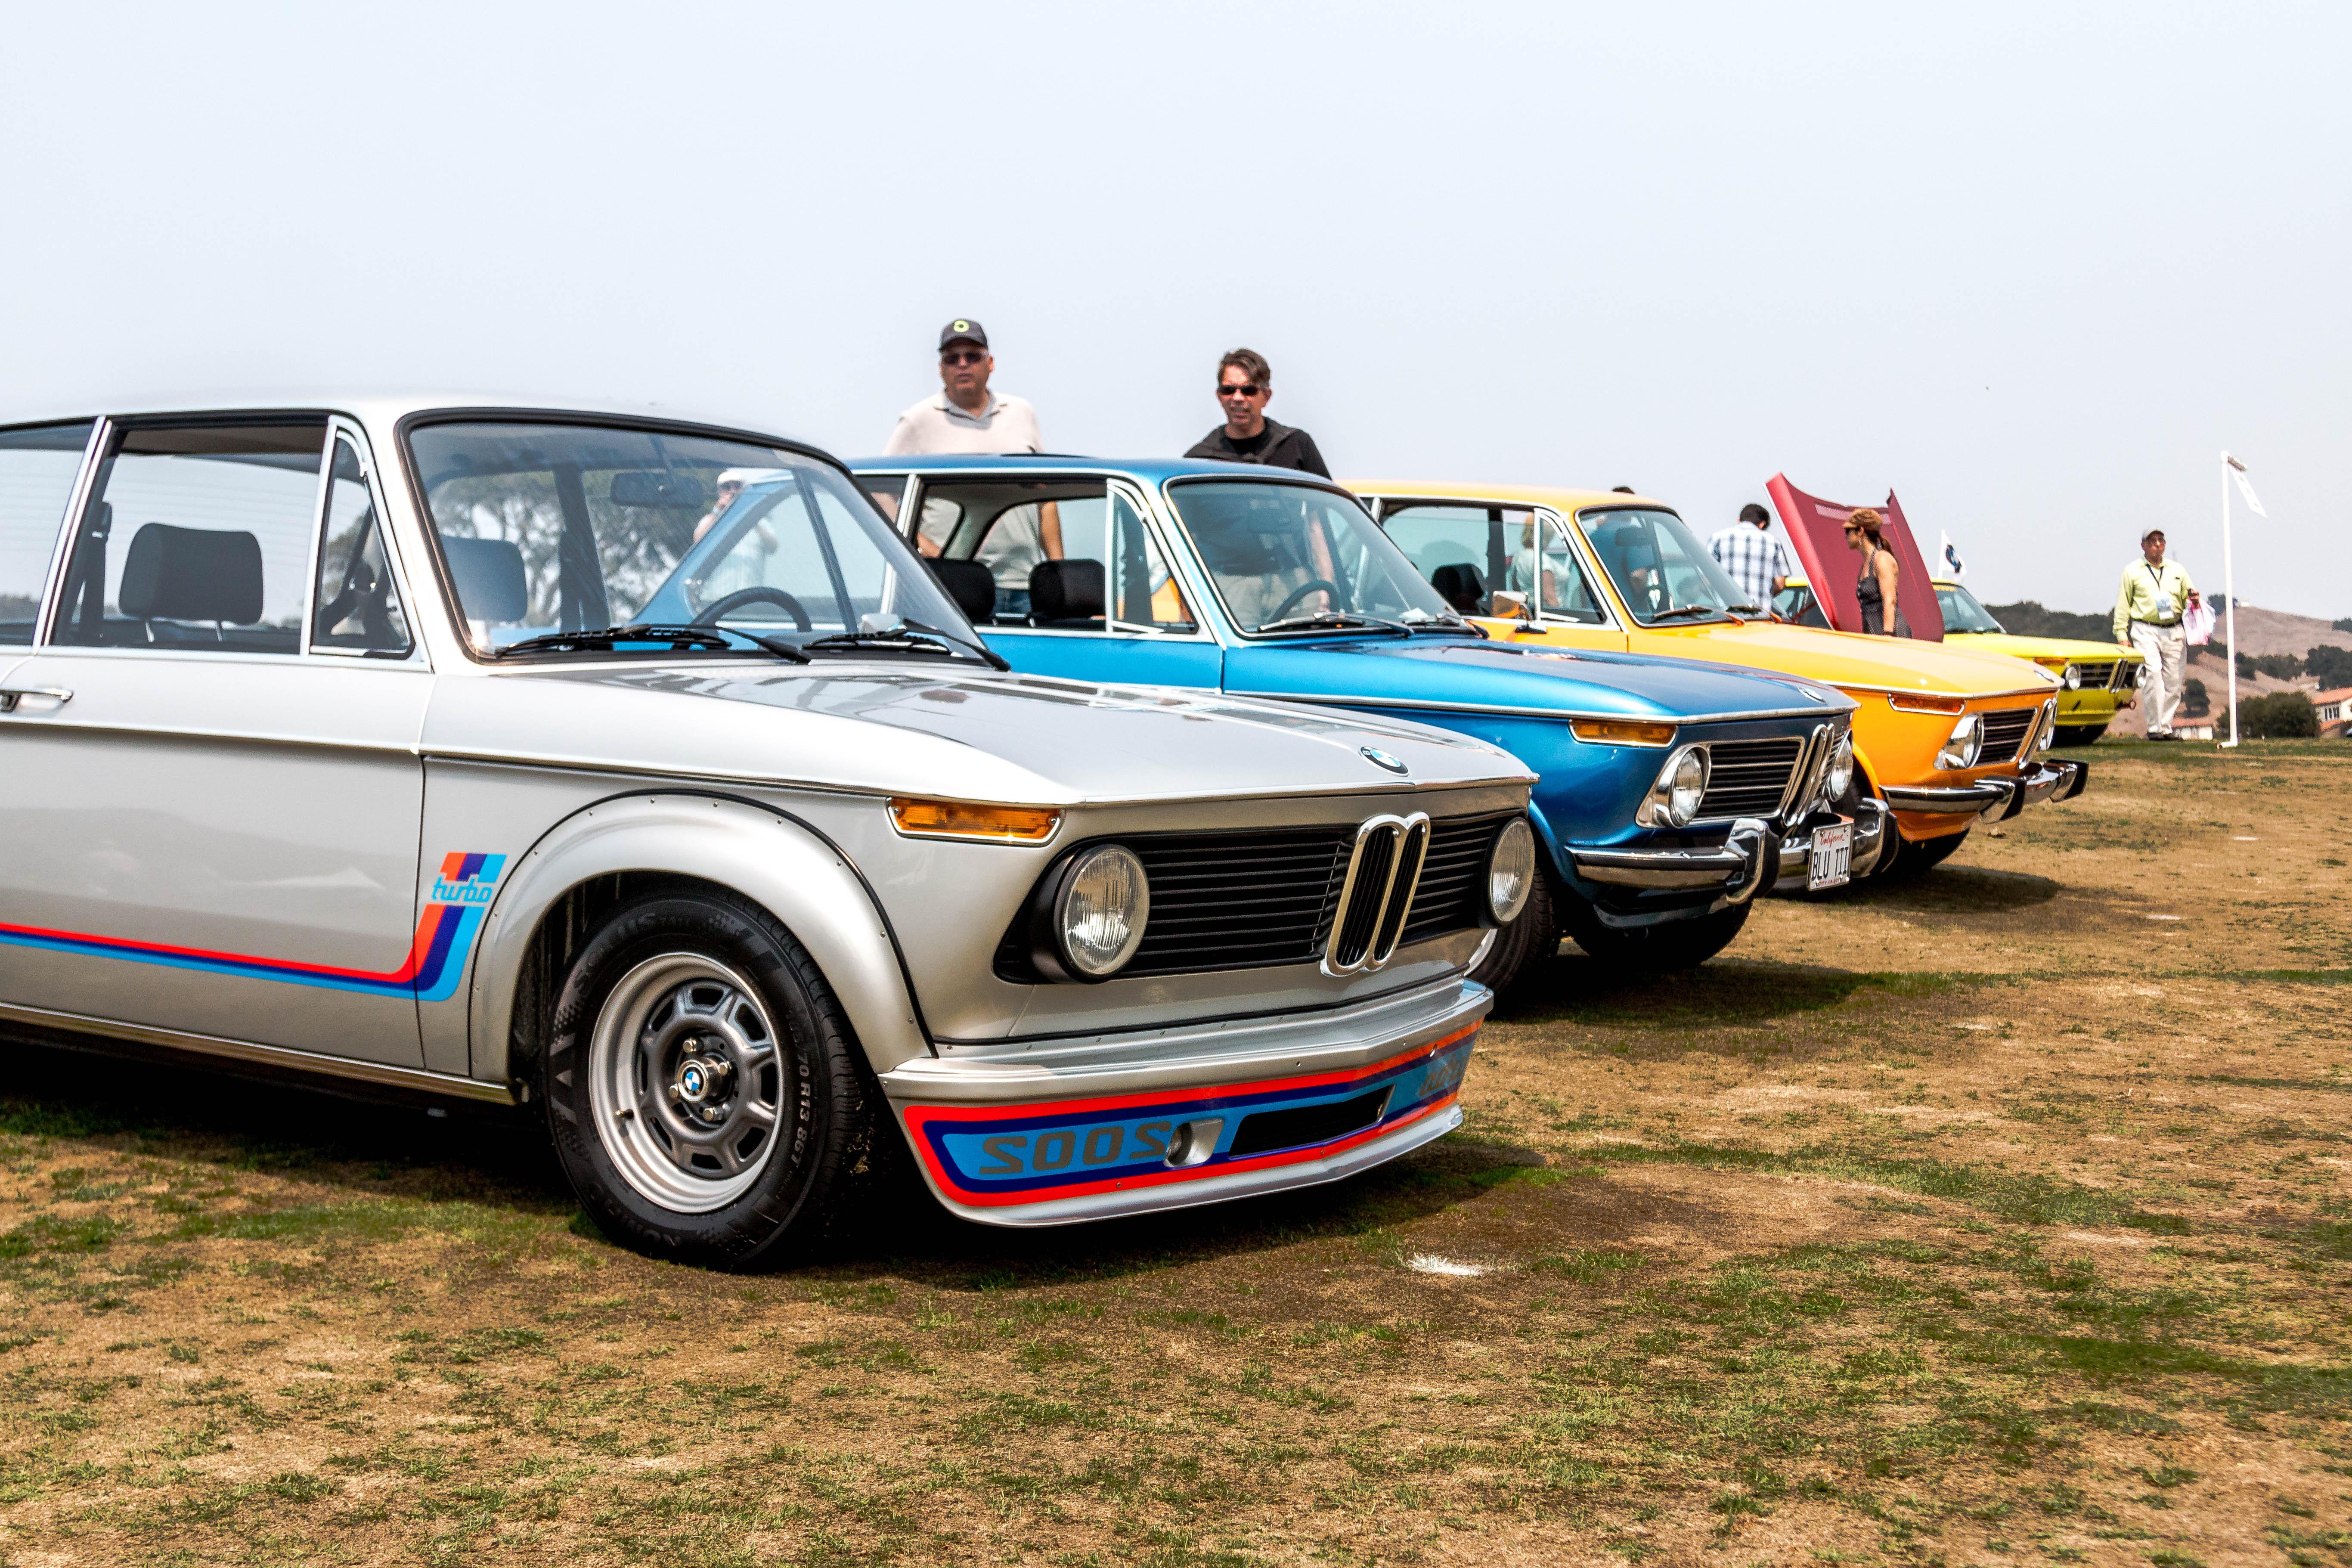 2002 Turbo's